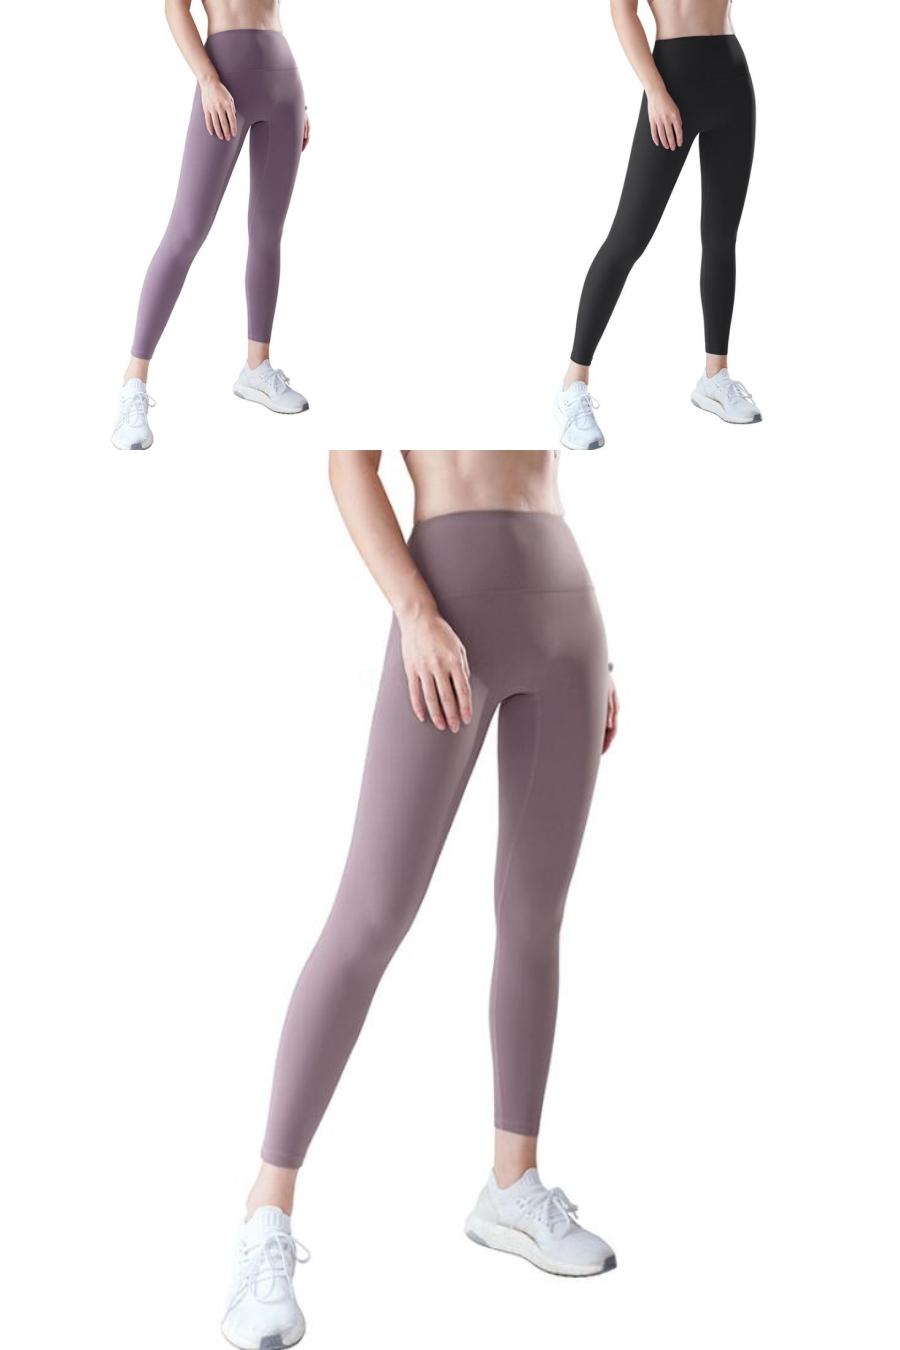 2020 Athleisure Леггинсы для женщин сетки сращивания Фитнес легинсы Тонкий черный Legging Брюки Плюс Размер YWYS1095 # 927